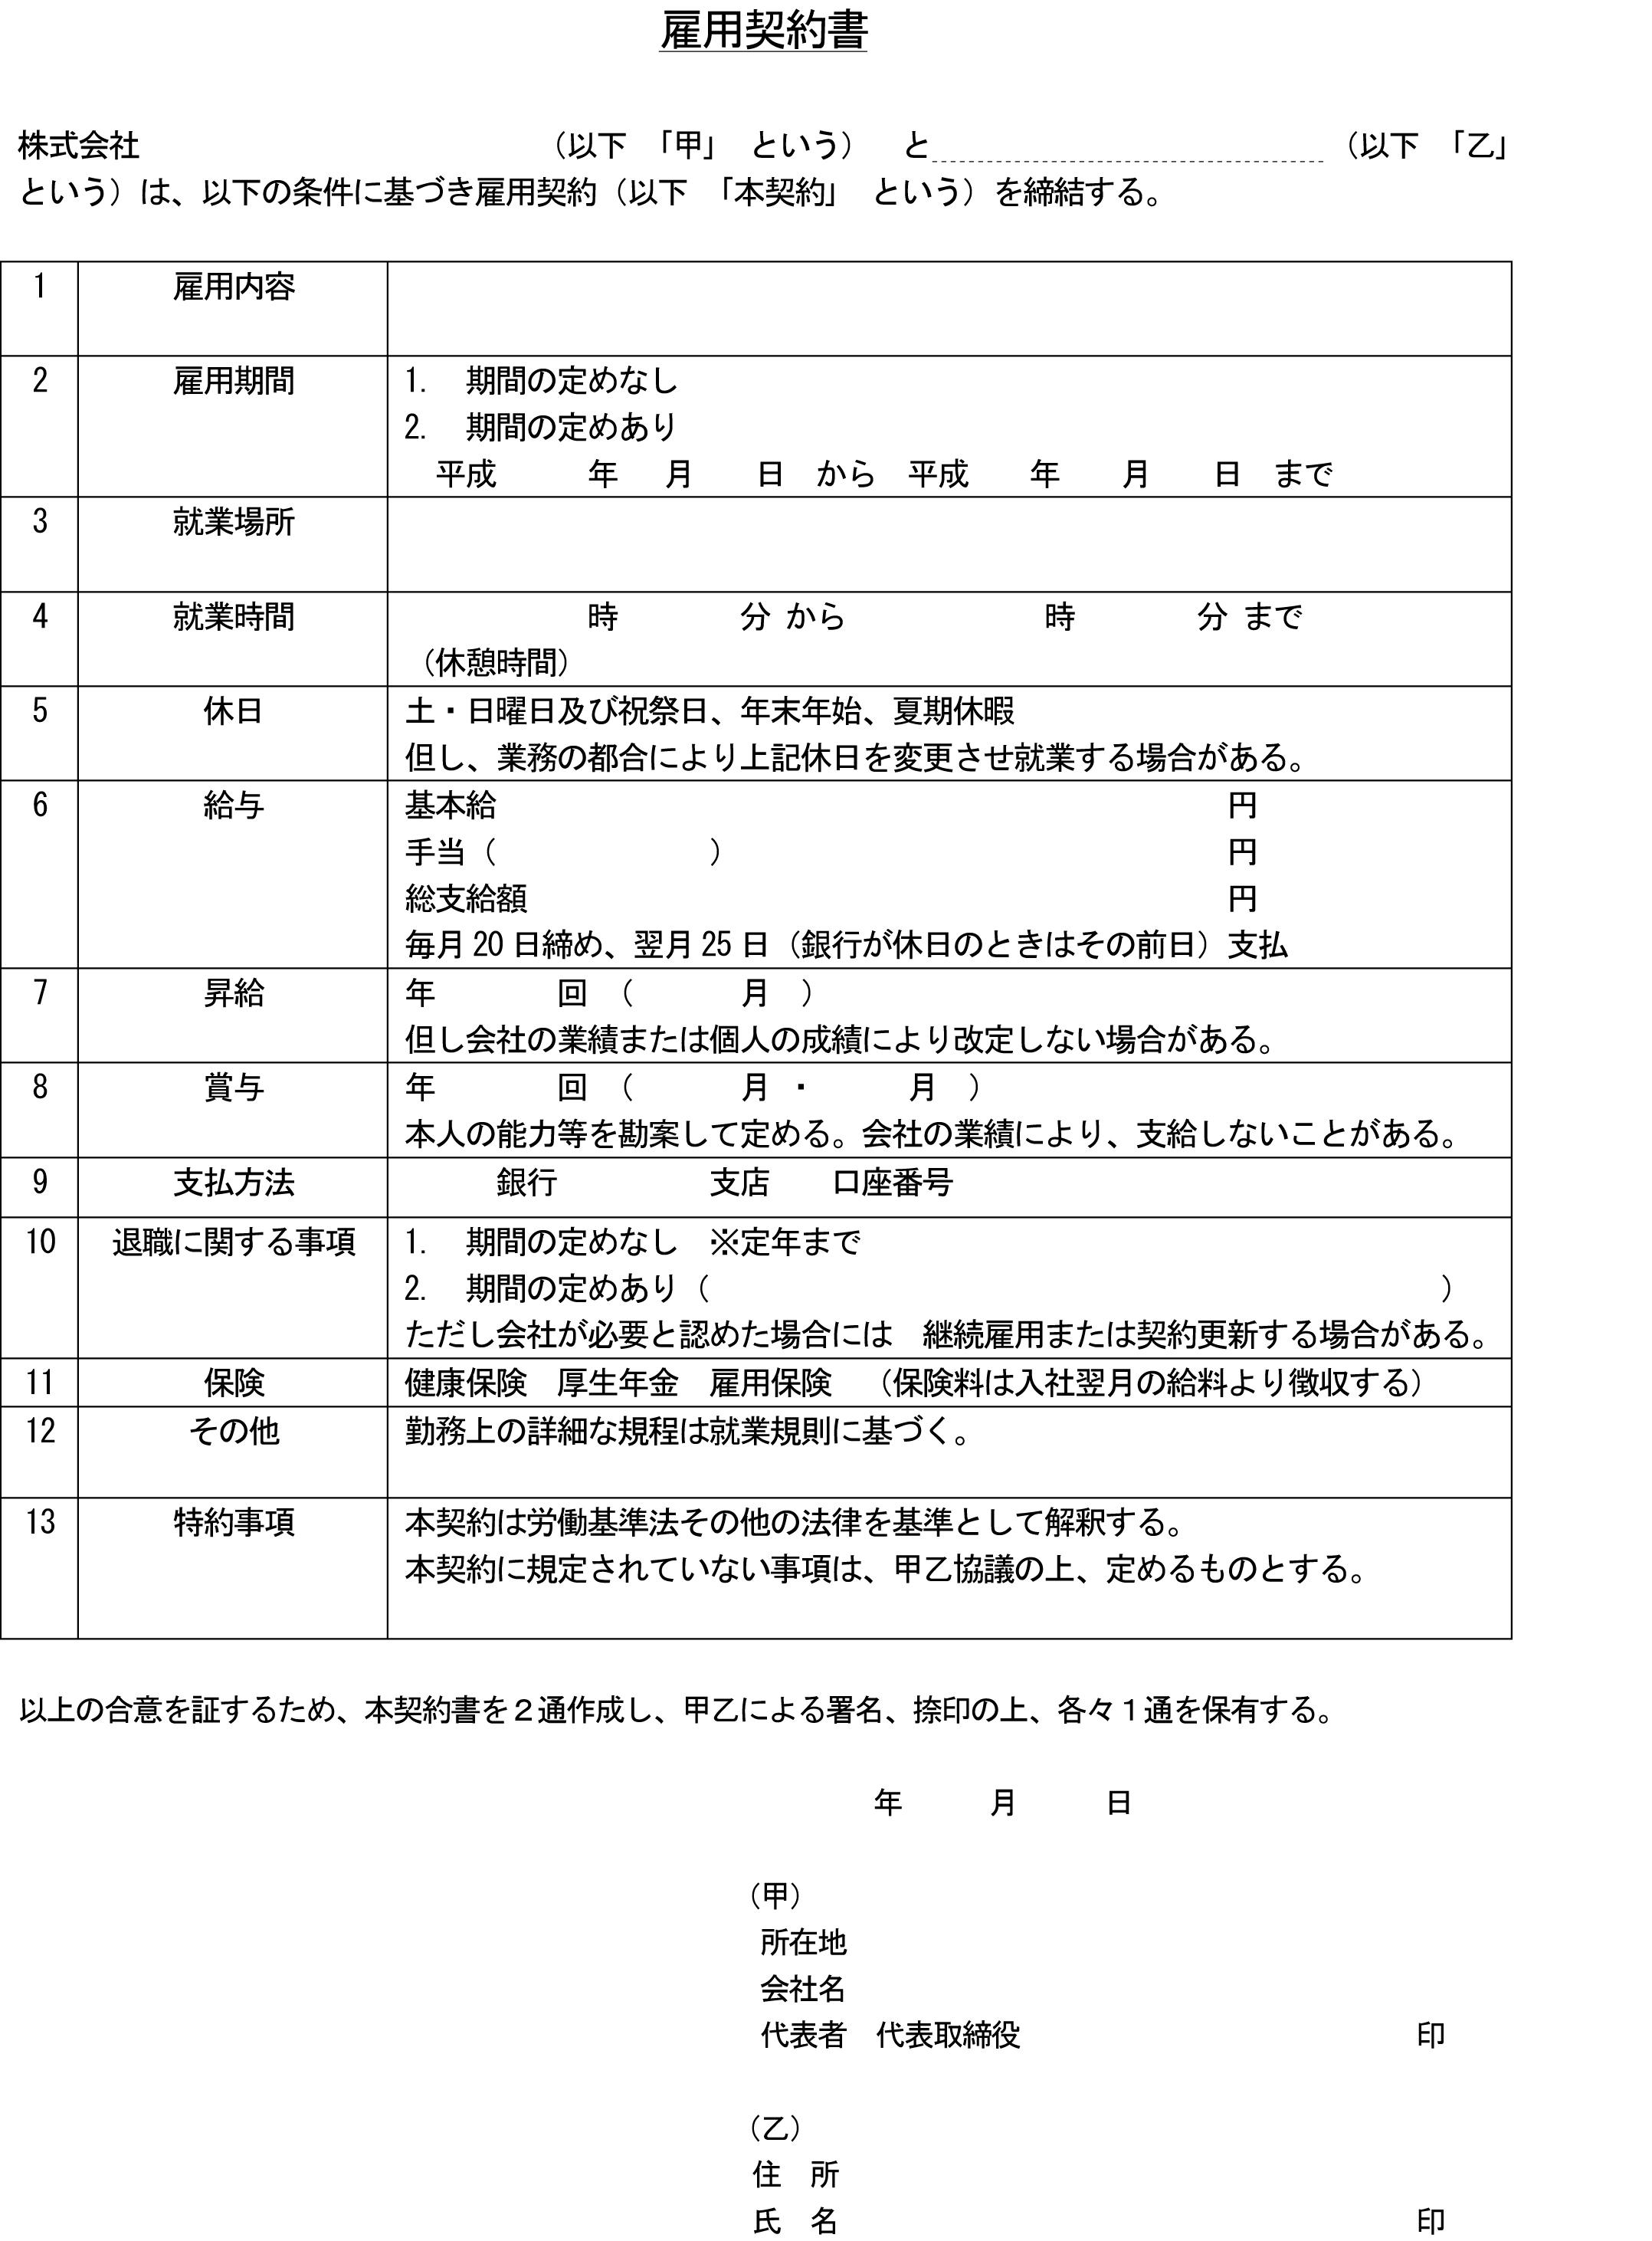 雇用契約書04